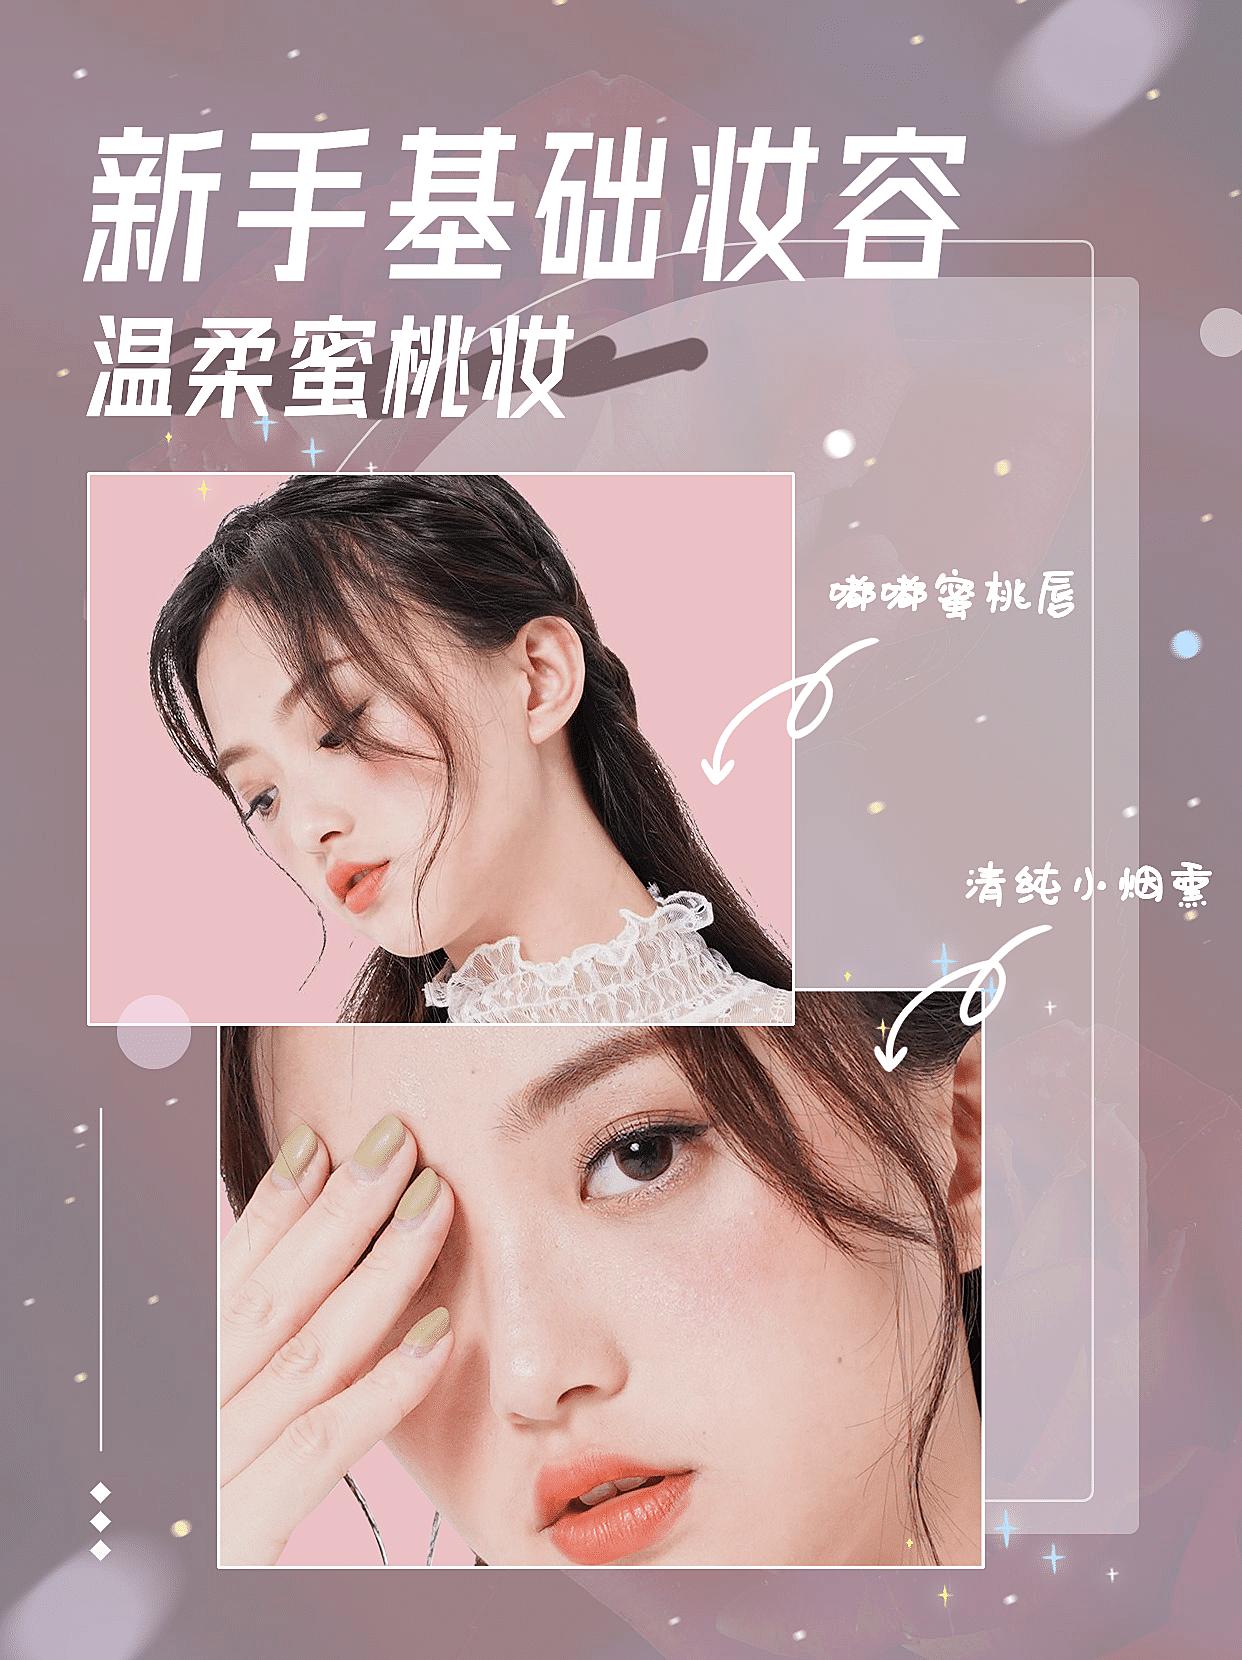 美妆教程小红书网红娱乐封面配图